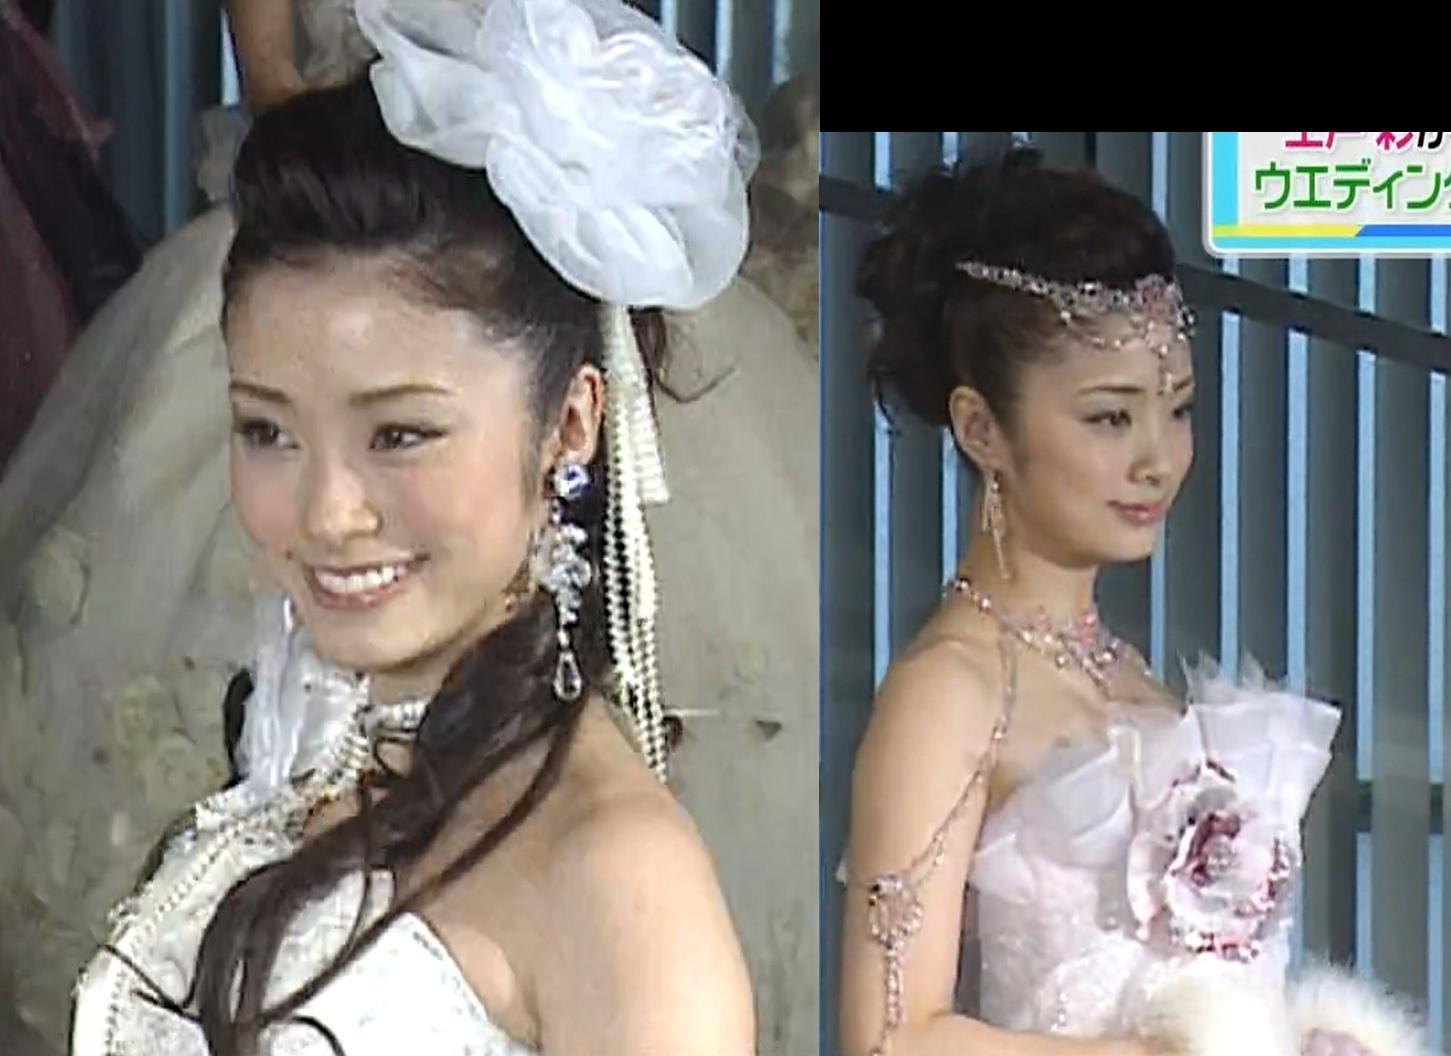 上戸彩 セクシーウェディングドレスキャプ画像(エロ・アイコラ画像)